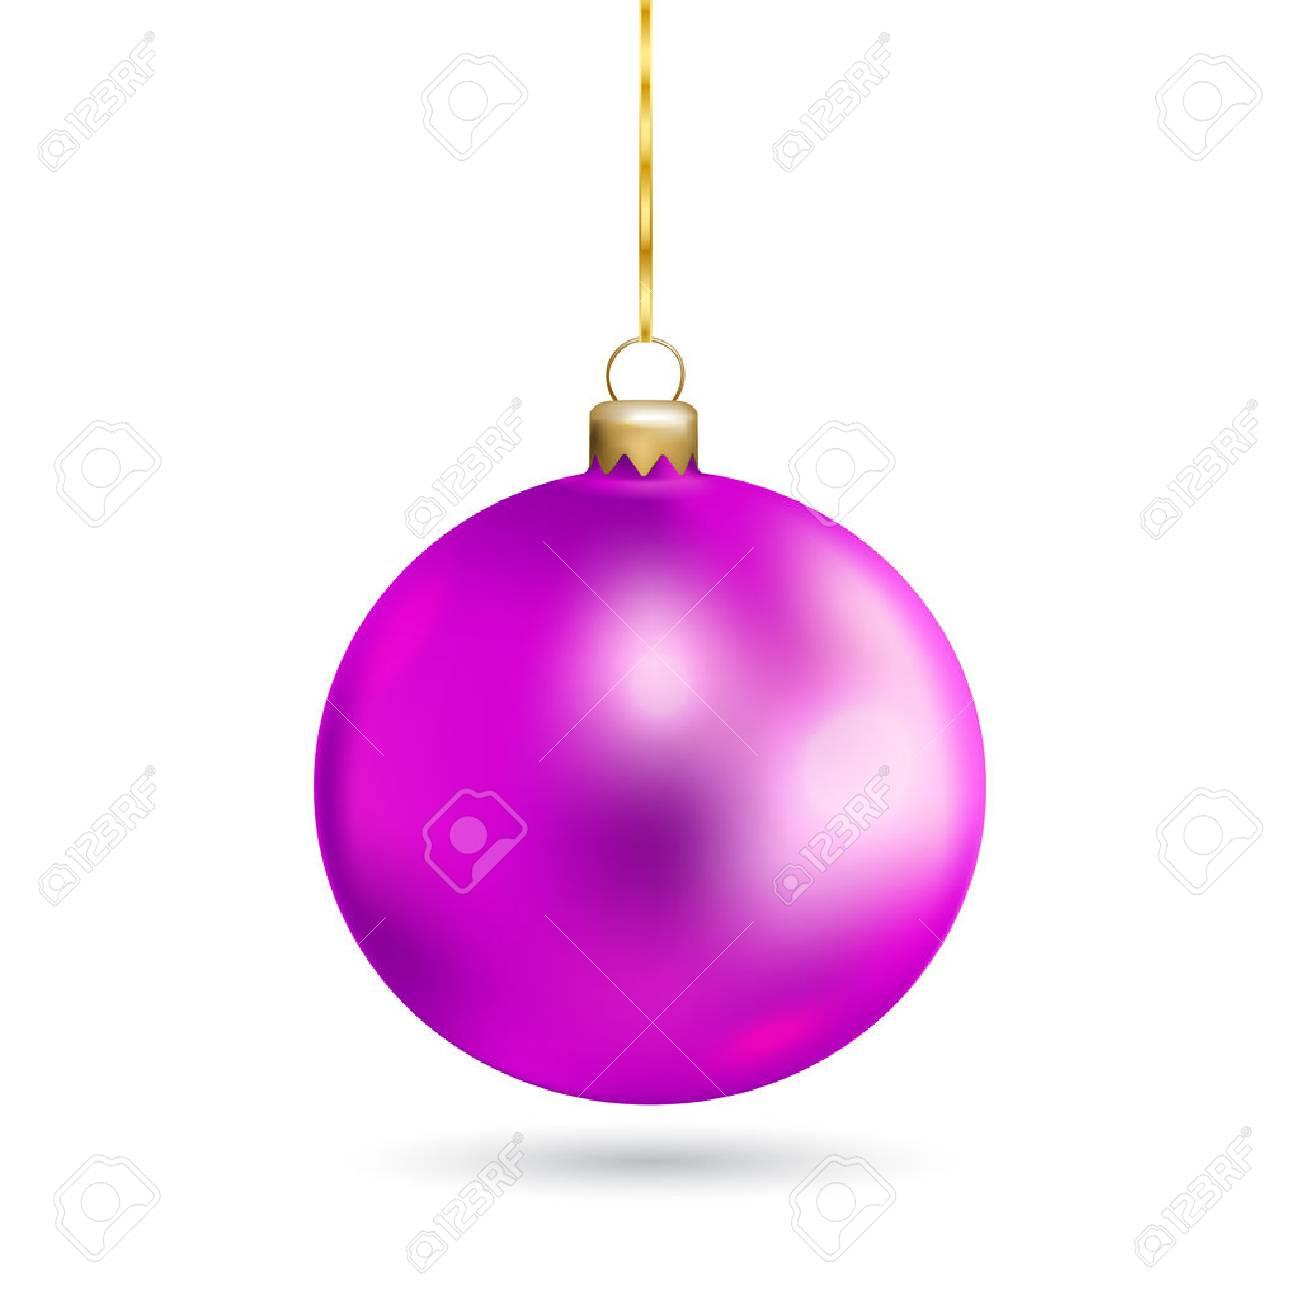 Boule De Noël Rose Isolé Sur Fond Blanc. Vacances De Noël Jouet